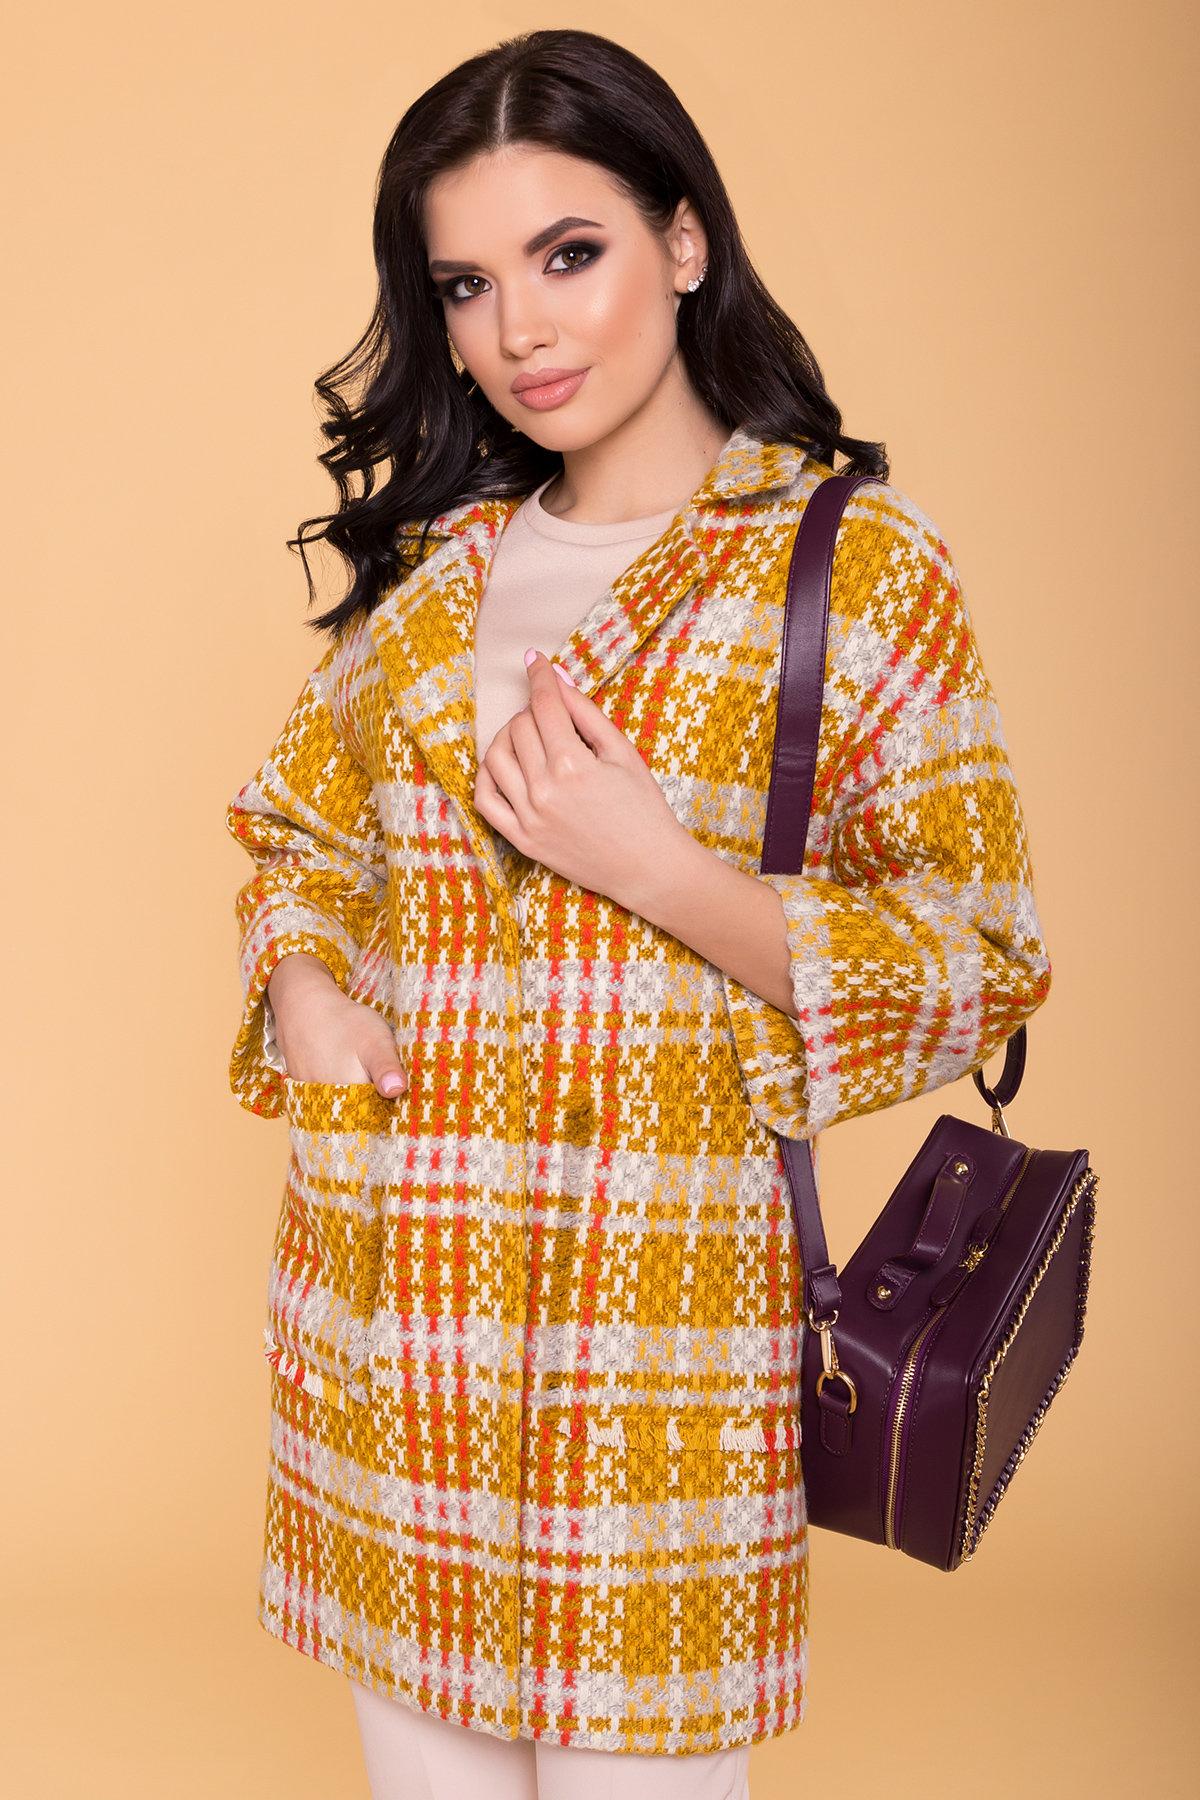 Пальто Бина 1964 АРТ. 38304 Цвет: Горчица/серый/молоко/терракот - фото 3, интернет магазин tm-modus.ru